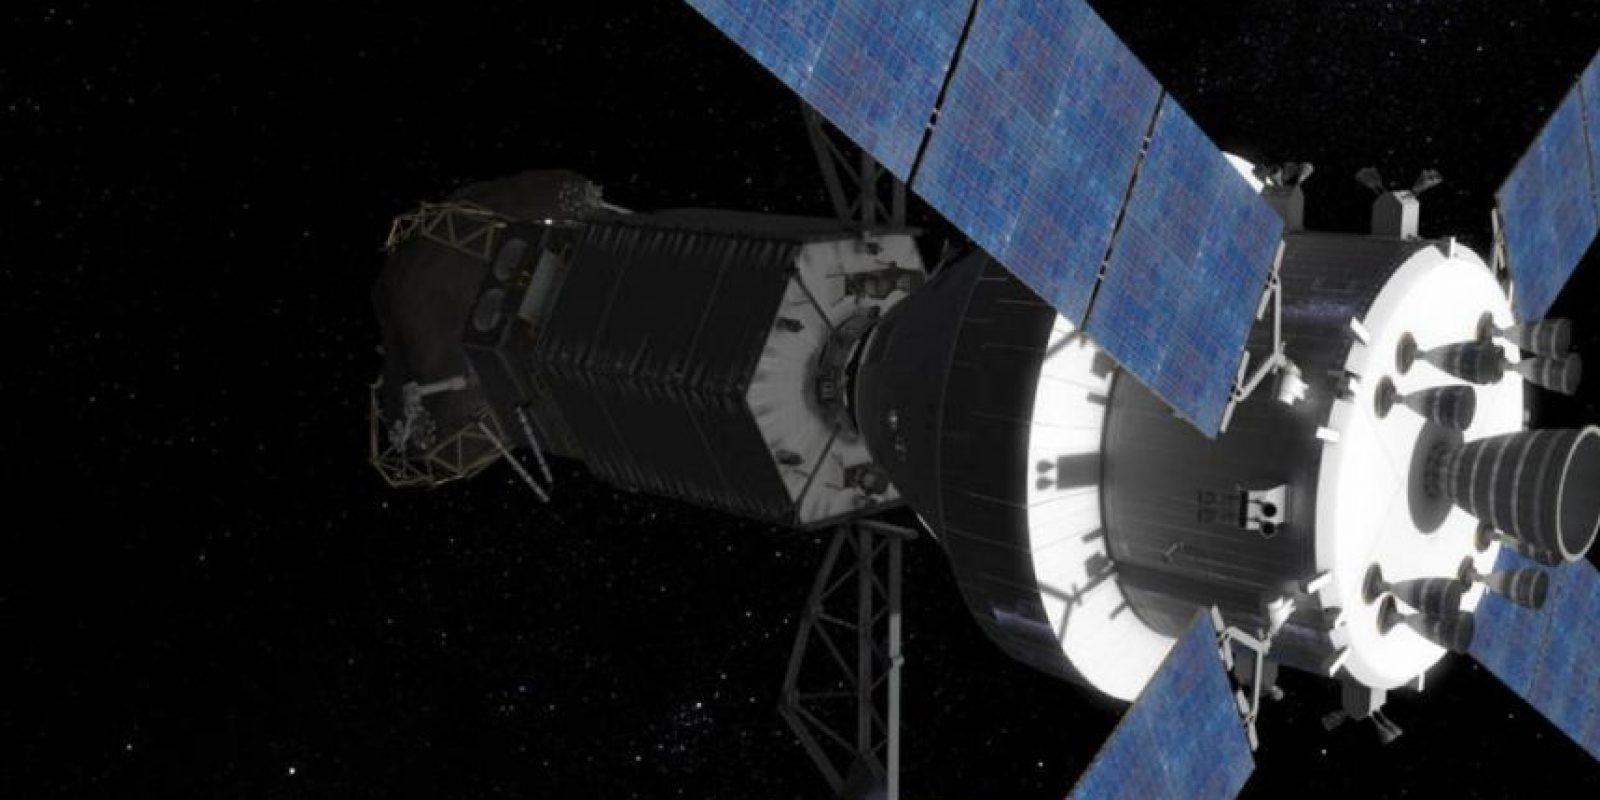 """Mientras que con """"Asteroid Impact and Deflection Assessment (AIDA)"""" planea chocar contra un asteroide y destruirlo. Foto:Vía nasa.gov"""